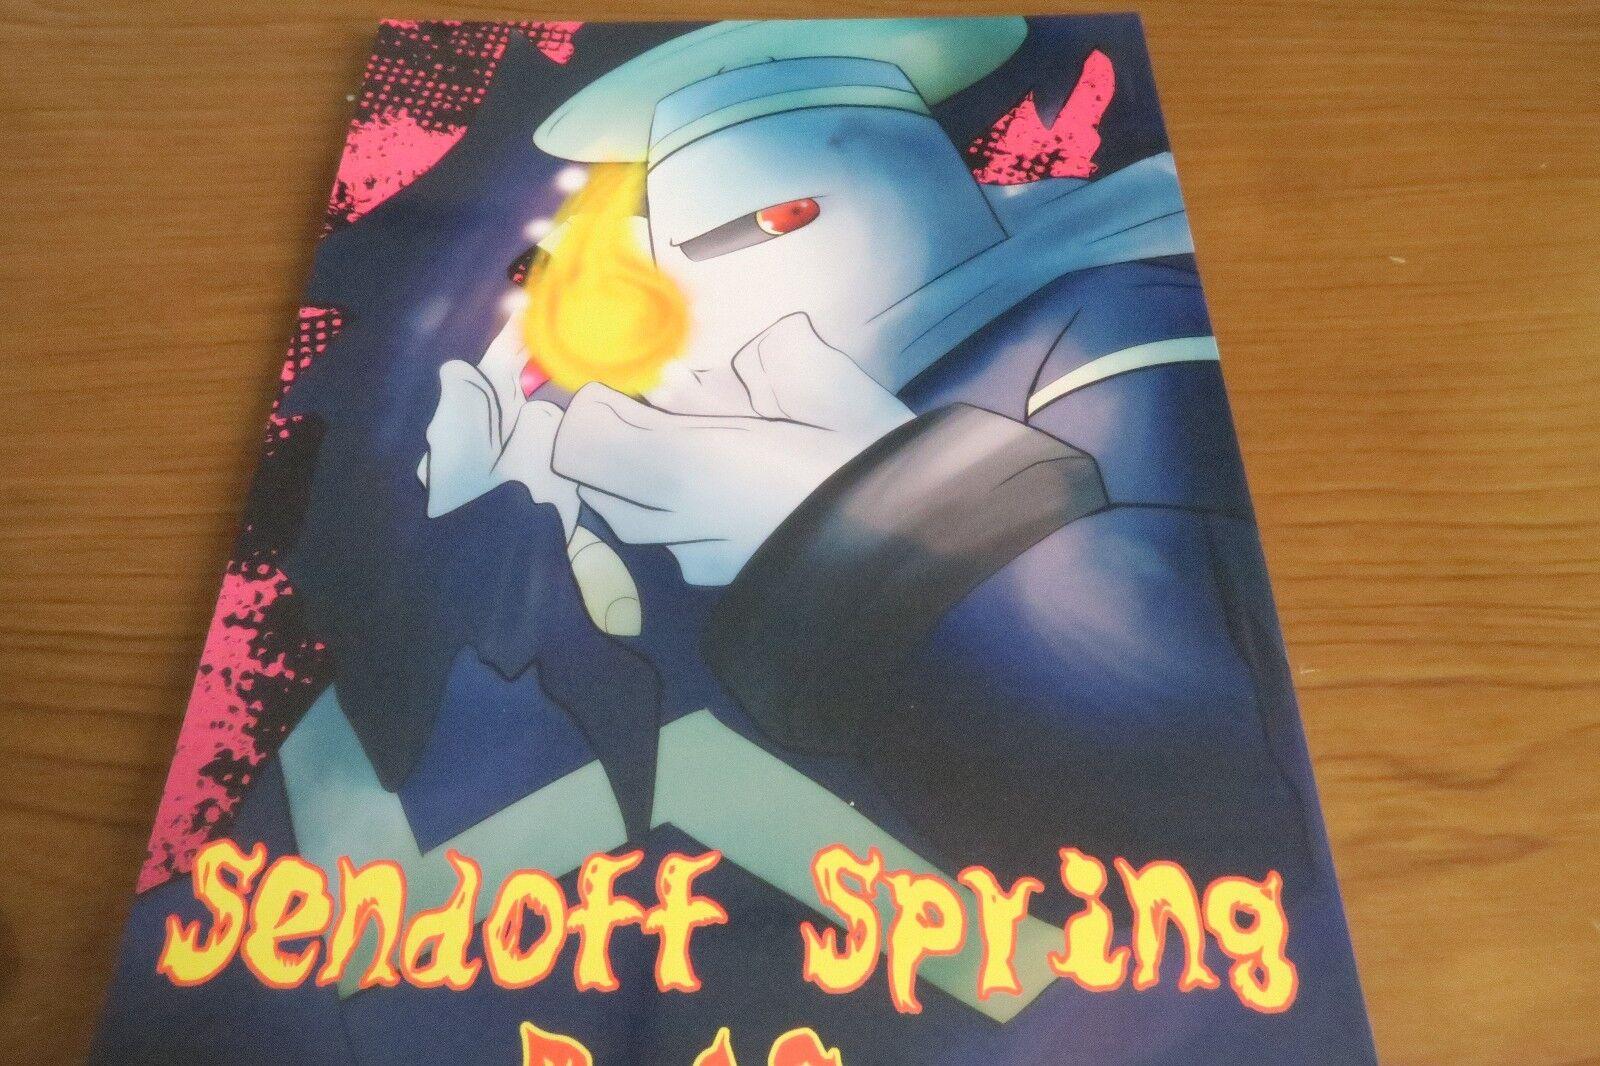 Doujinshi Pokemon Giratina x Dusknero (B5 46p)  Nero Fang Sendoff Furry Kemono  basta comprarlo